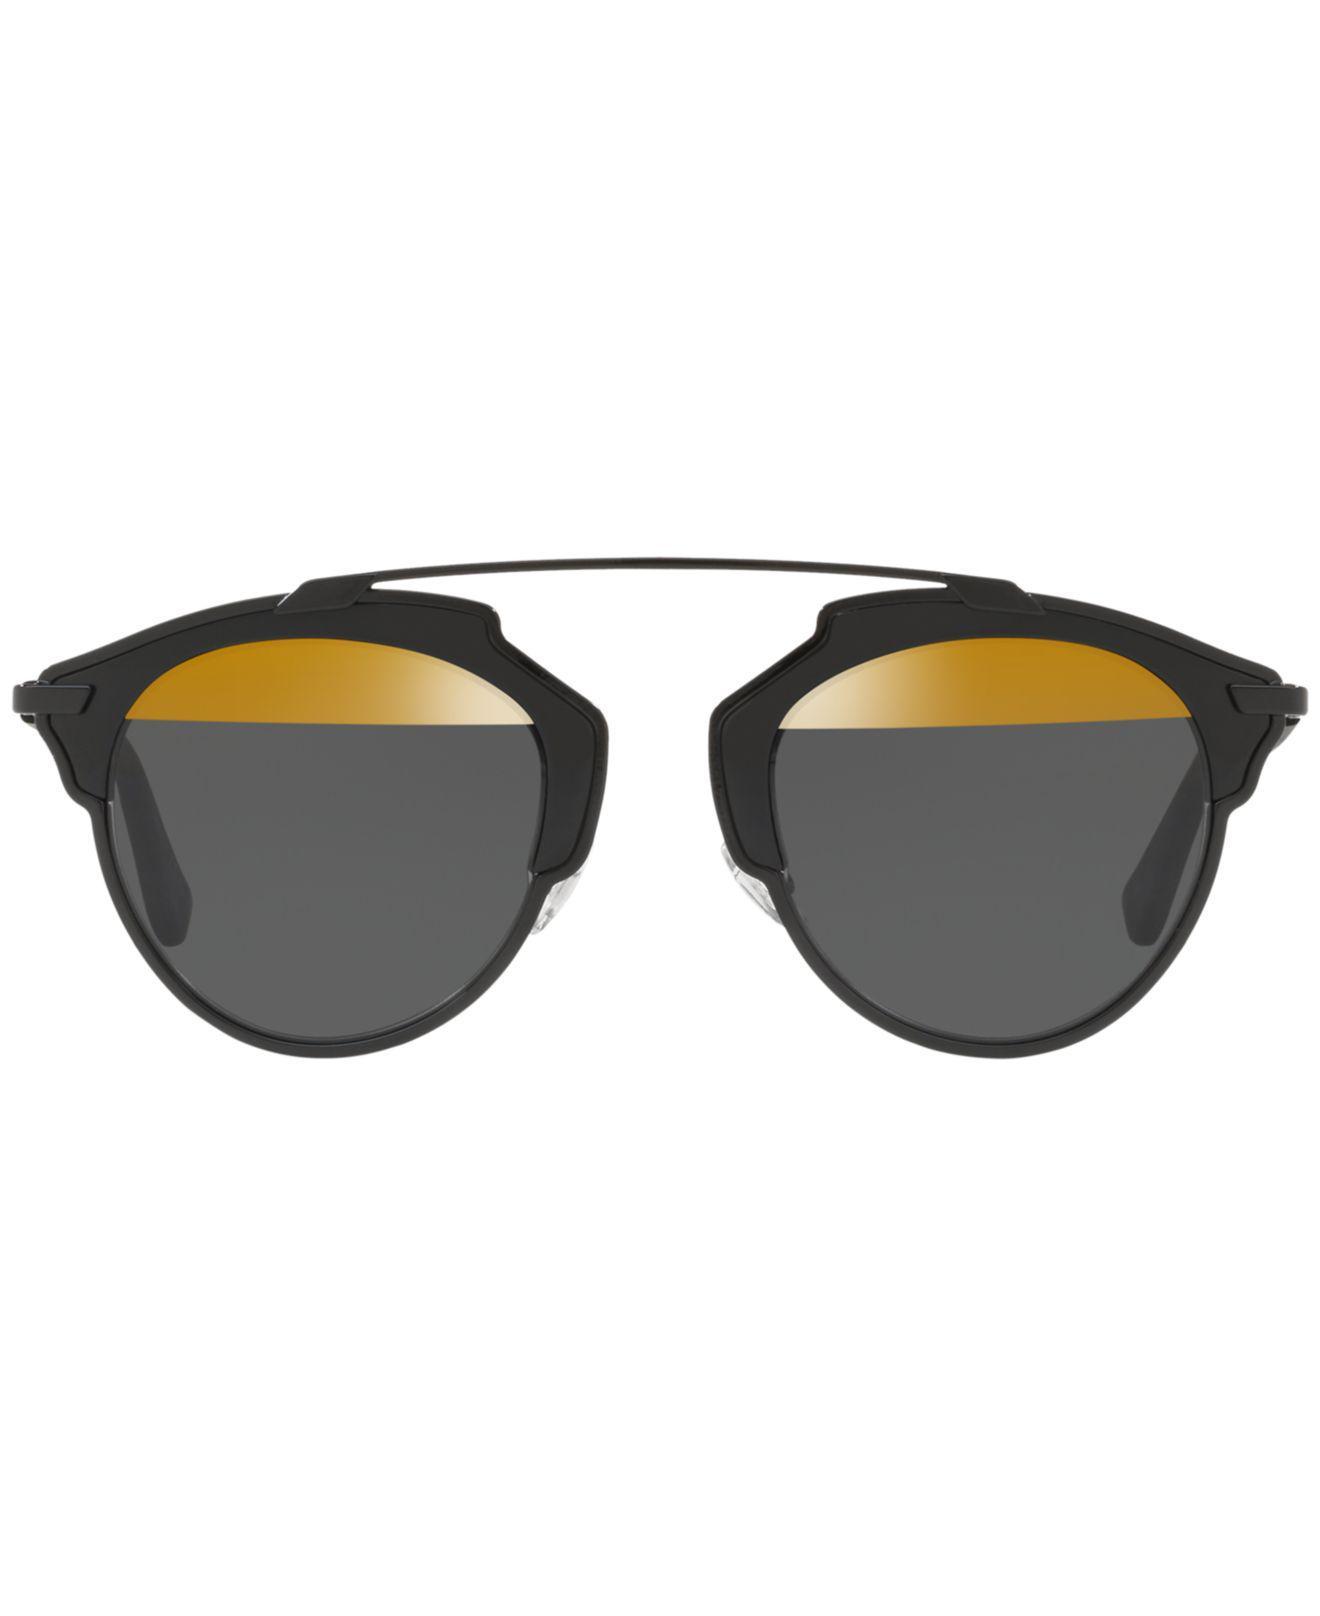 13e26f9348 Lyst - Dior Sunglasses